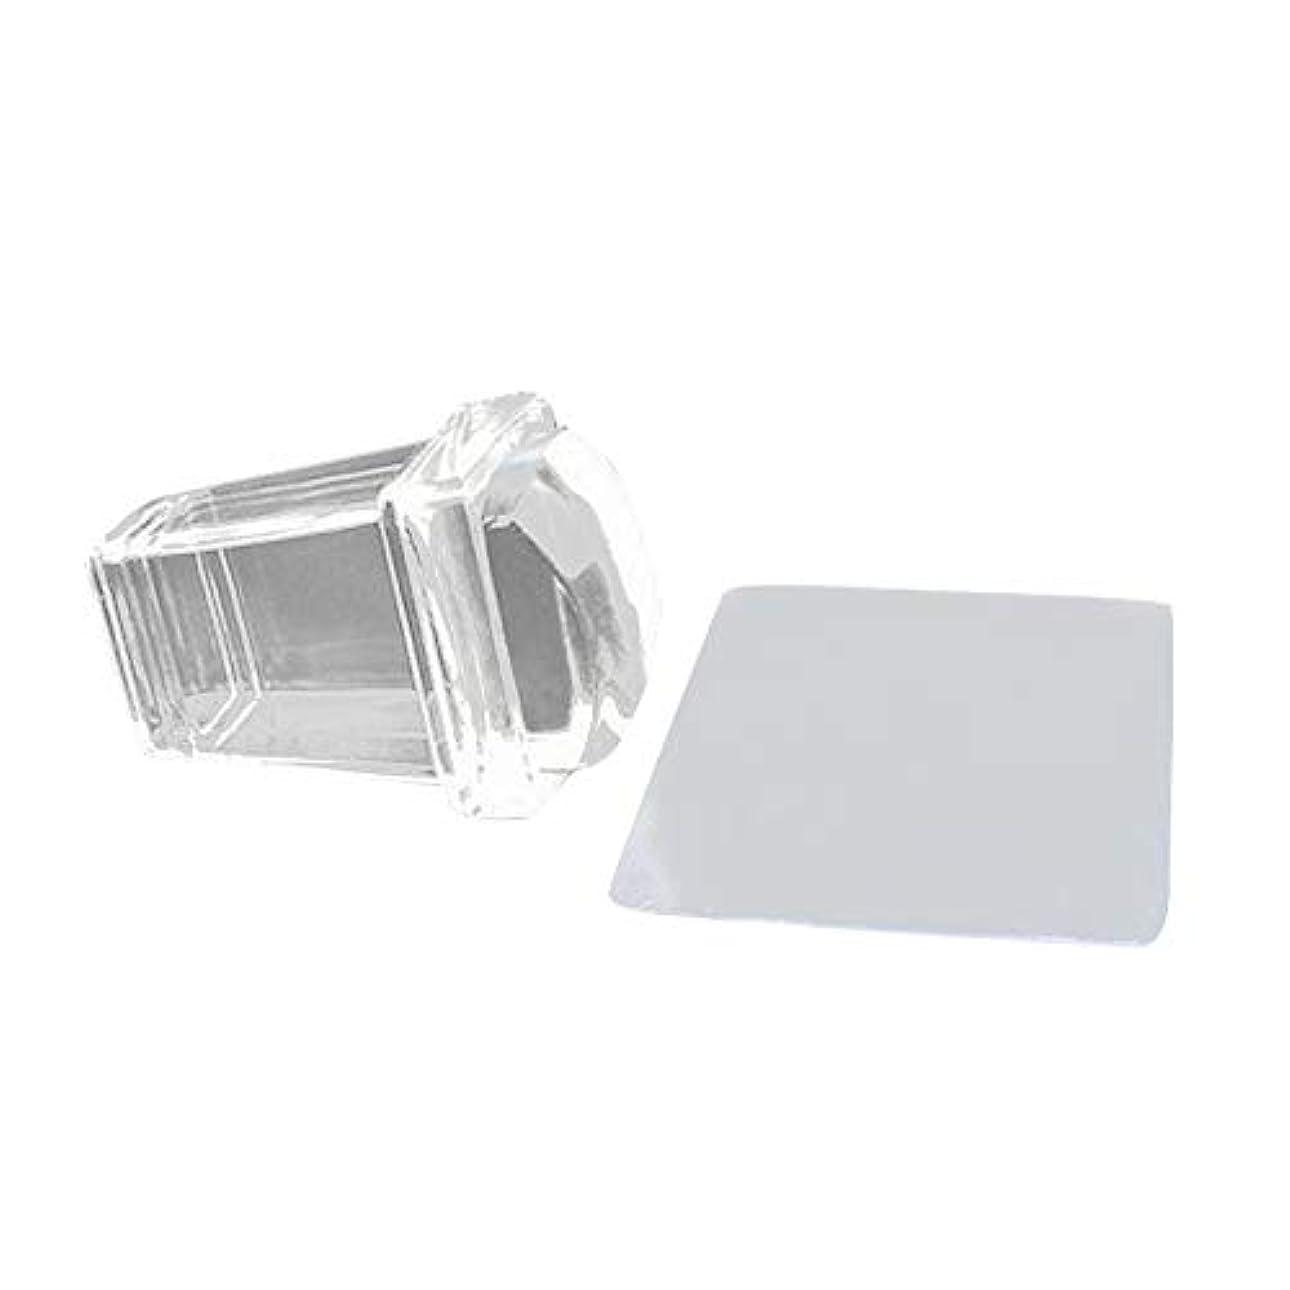 原告大邸宅スタジアムNrpfell 新しい純粋で透明なゼリーシリコンのネイルアートスタンパーとスクレーパーのセット、透明ポリッシュ印刷ネイルのスタンピングツール、ネイルのツール、マニキュア